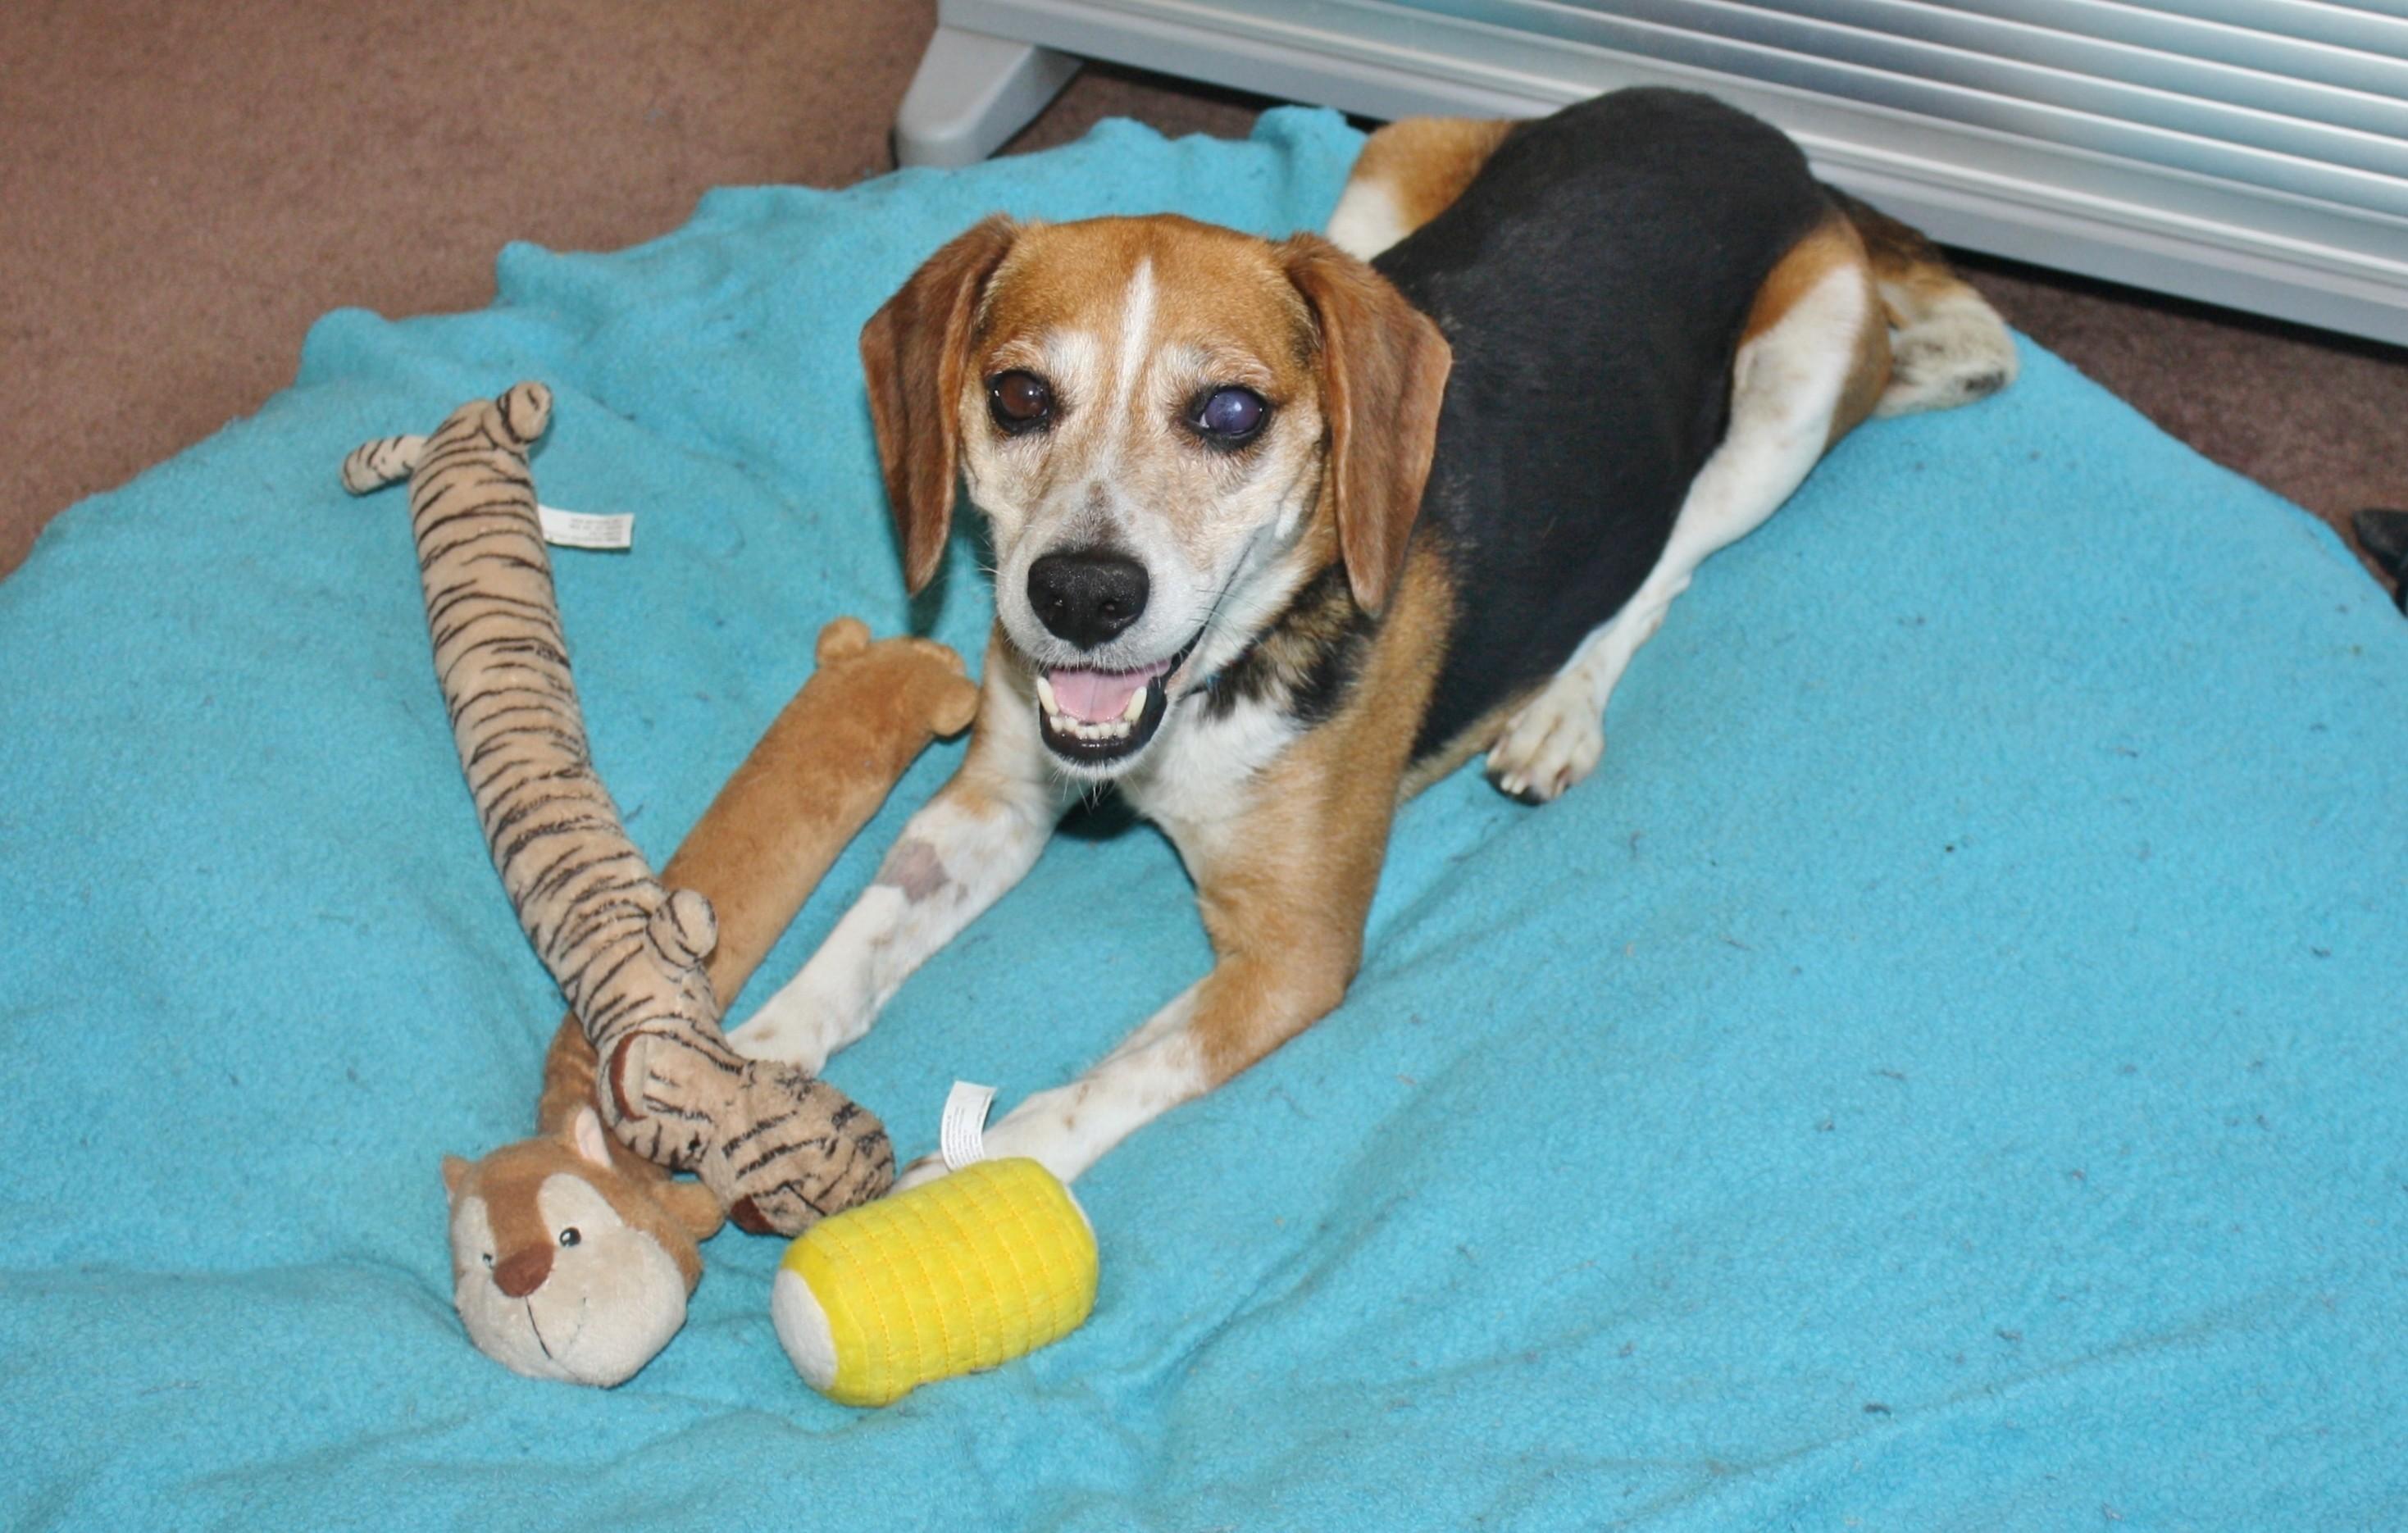 Bellflower, CA - Beagle. Meet Ben (and Sandy) a Dog for Adoption.